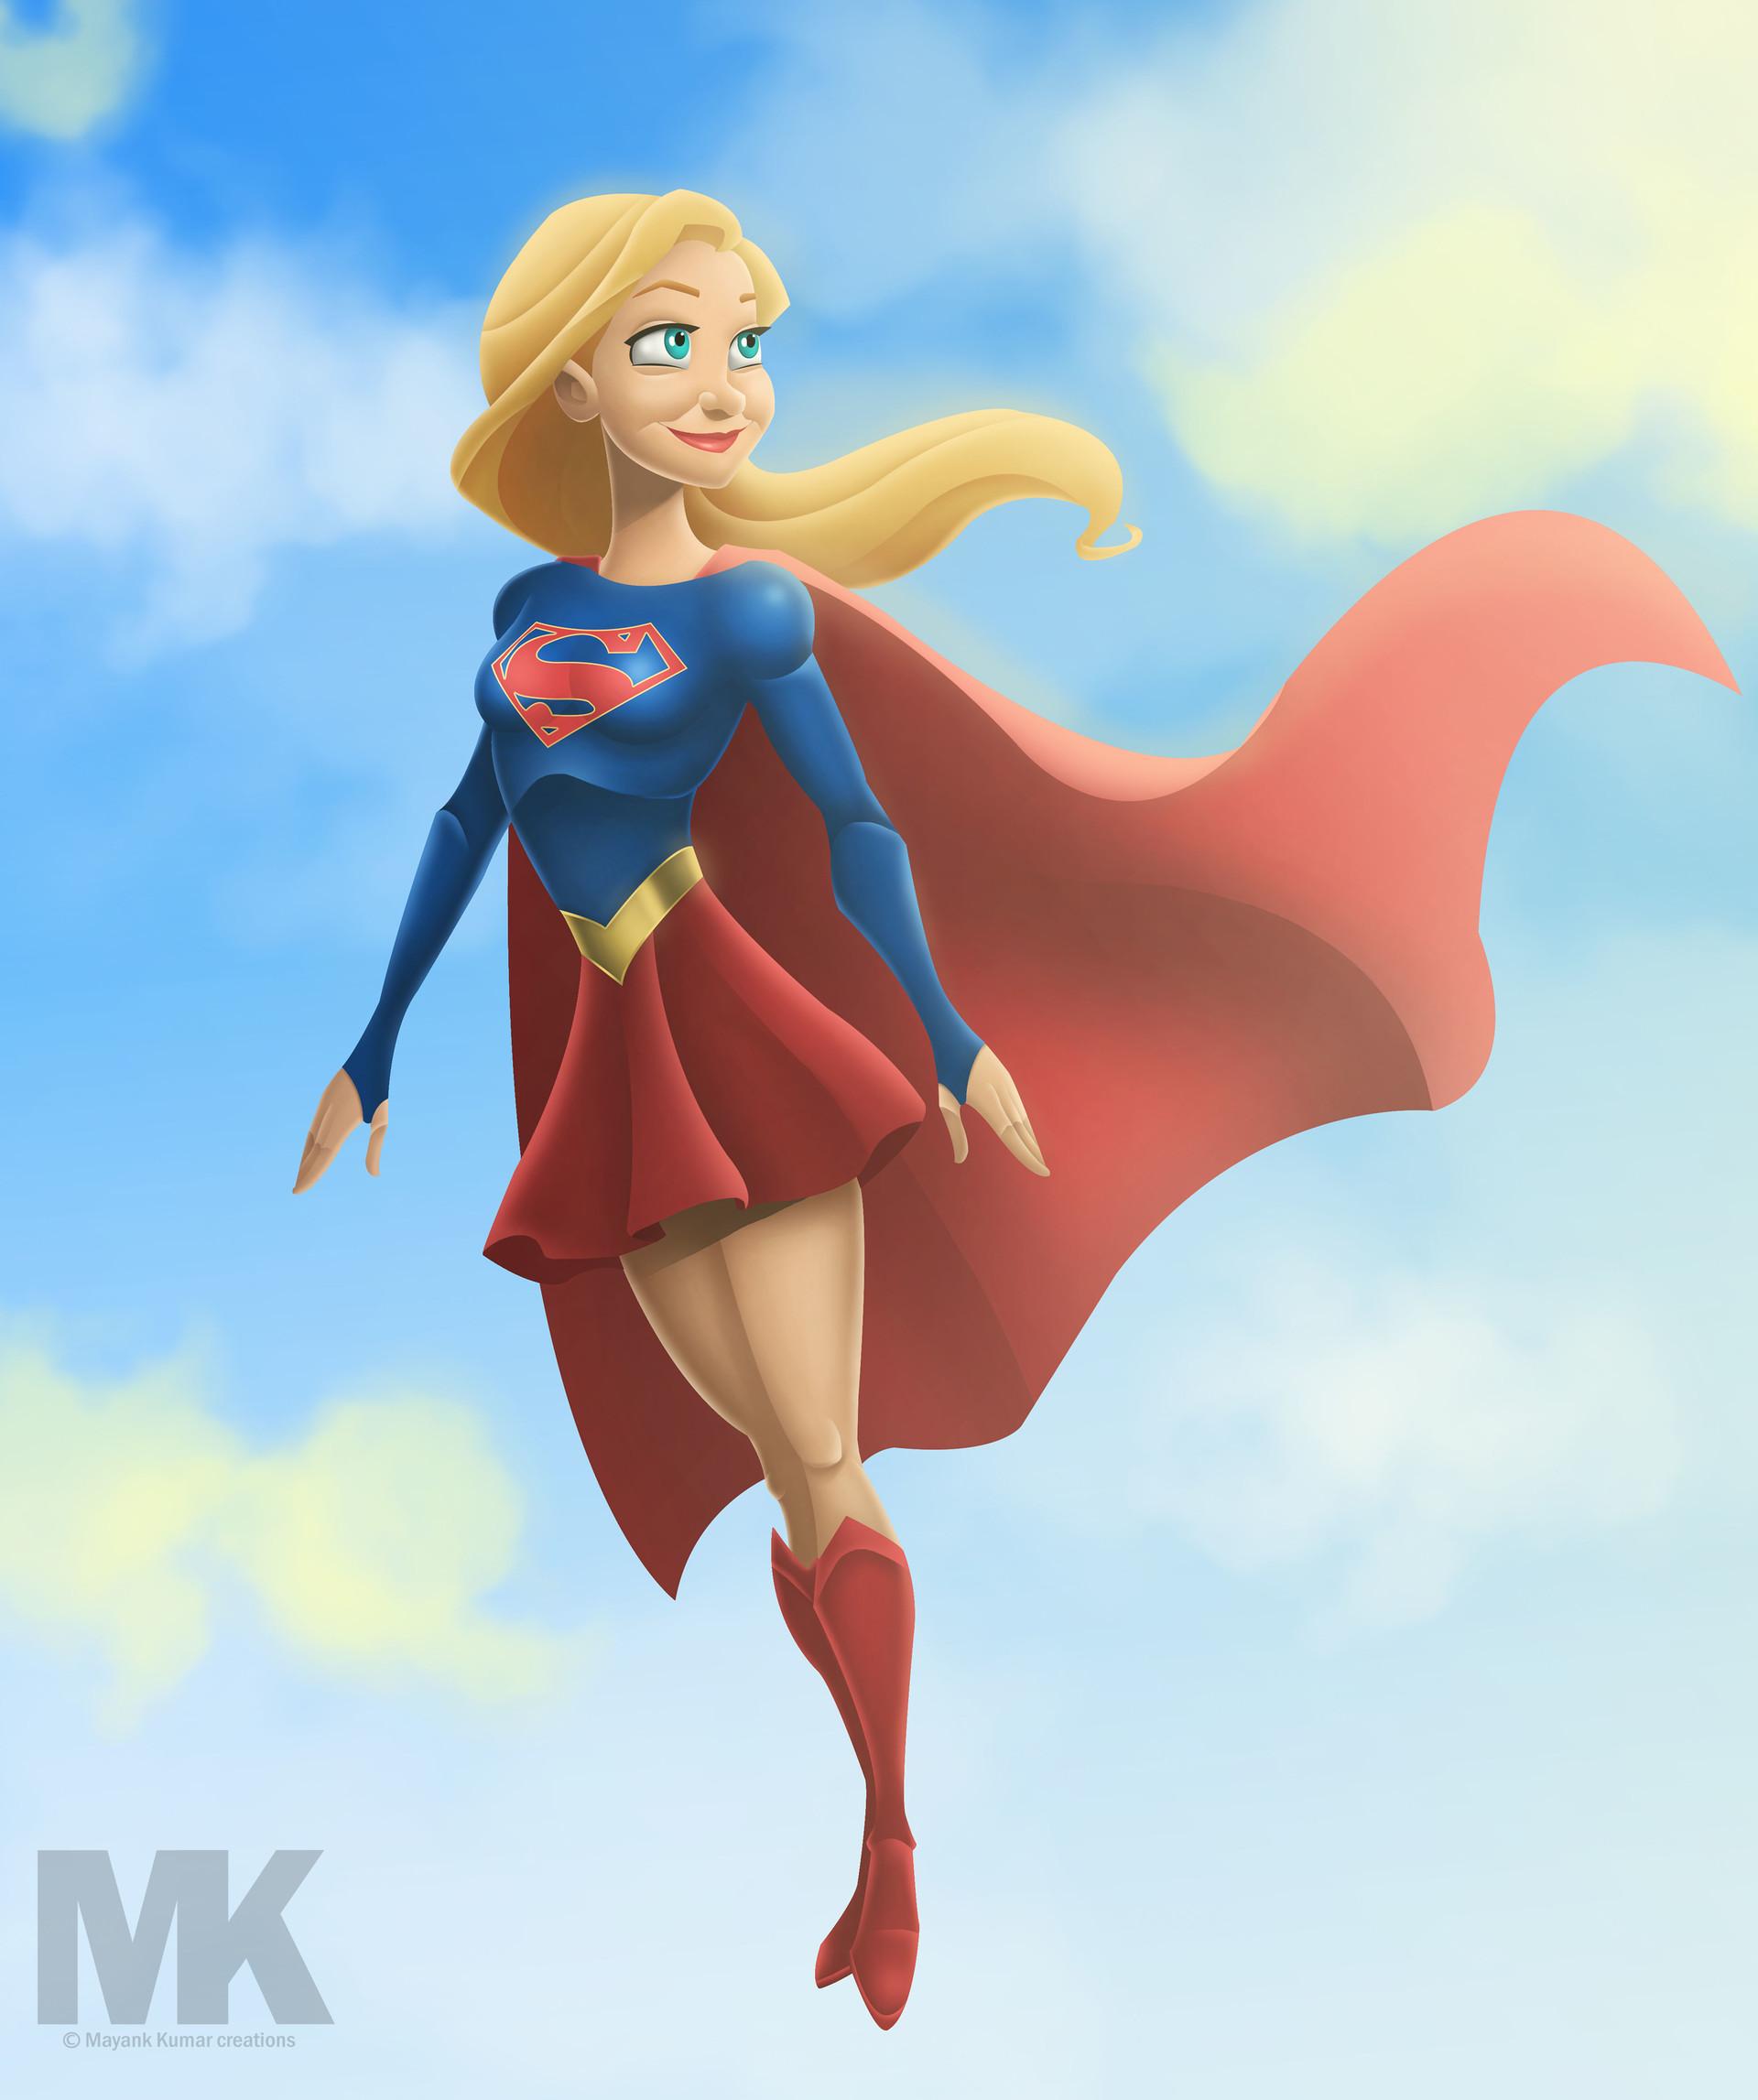 Artstation - Cbs Supergirl - Animated Style, Mayank Kumarr-7442